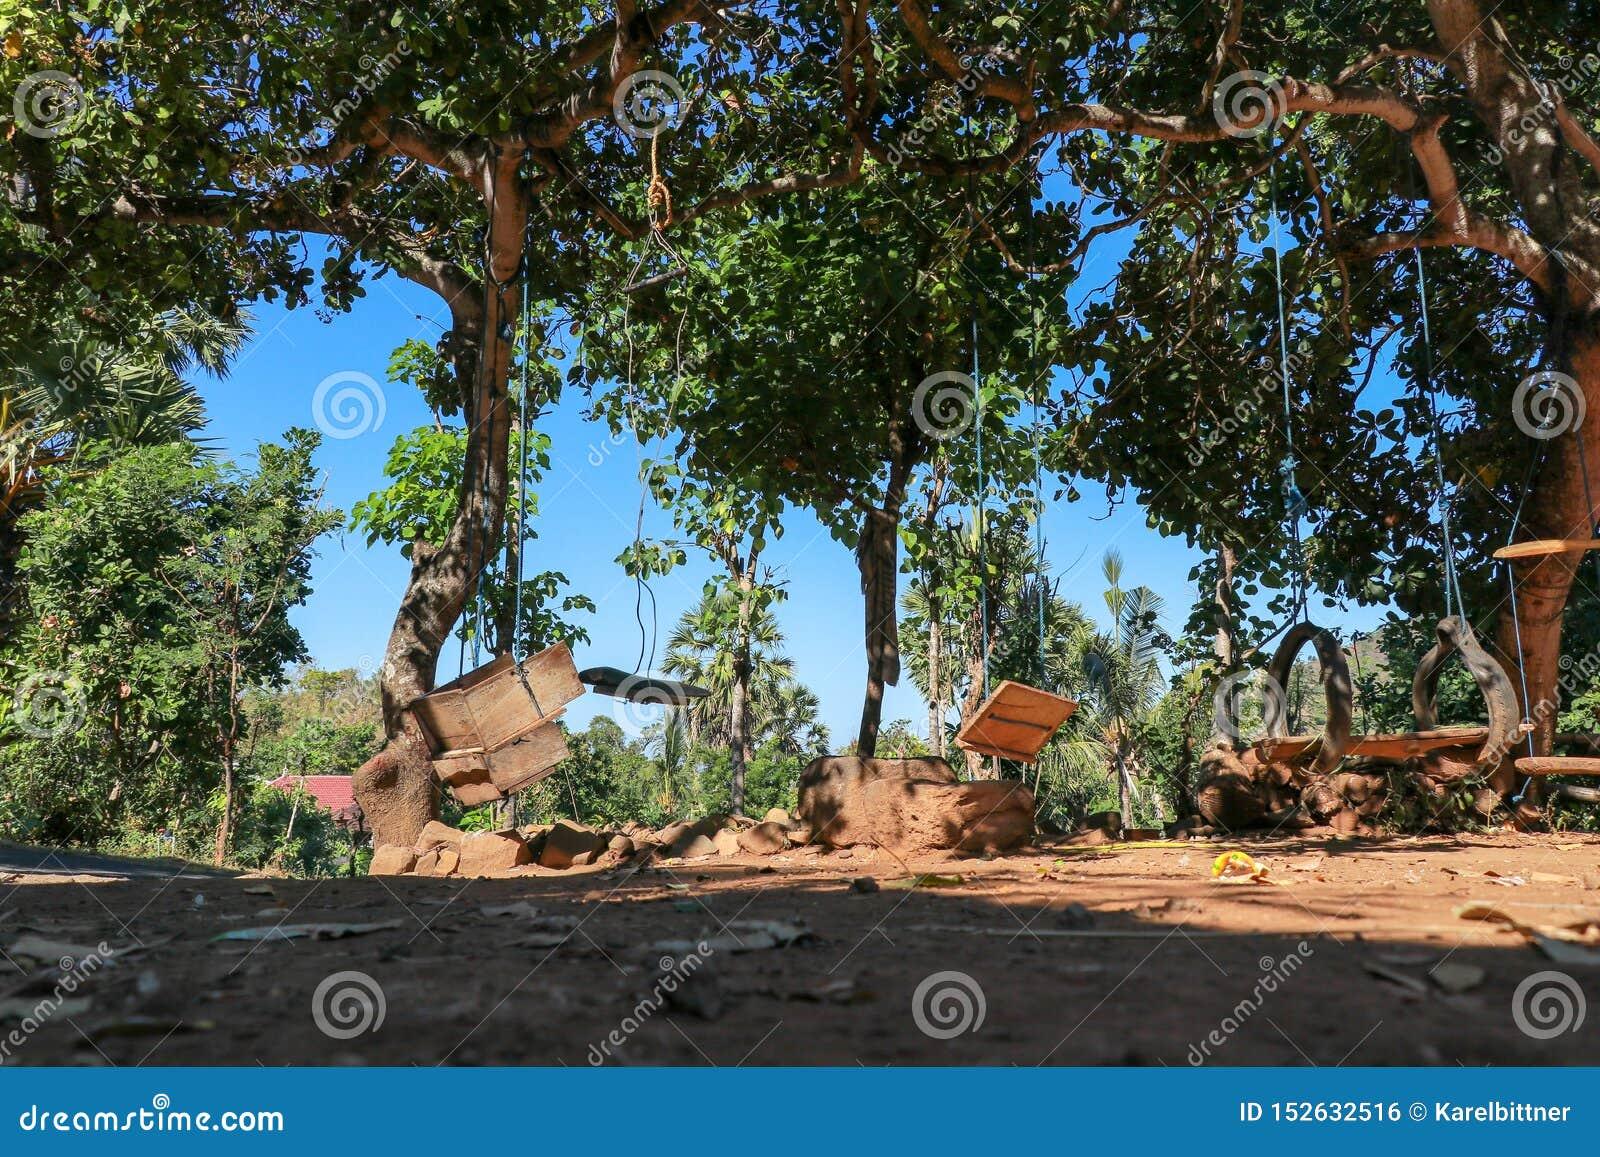 Huśtawki dla dzieci wiesza na tropikalnych drzewach Niedroga zabawa dla balijczyków dzieciaków Huśtawki robić arkany, stare opony